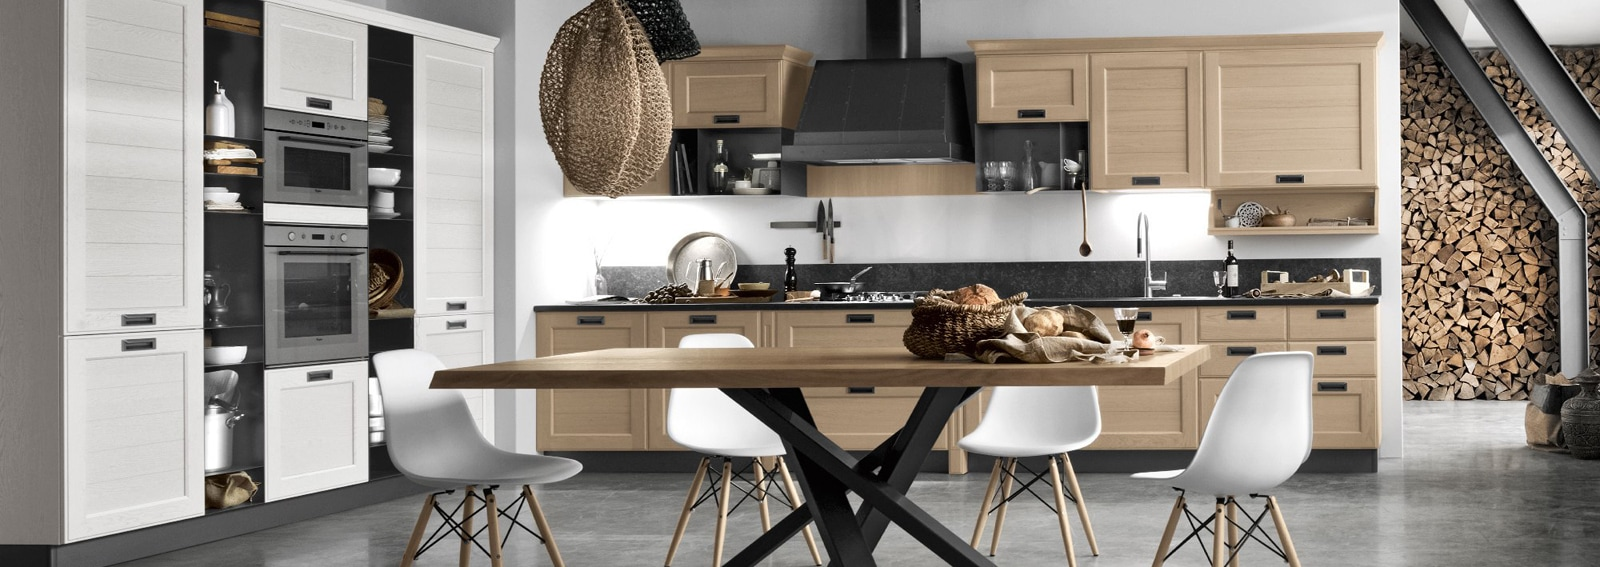 Marche Cucine Italiane. Cucine Moderne Scavolini With Marche Cucine ...